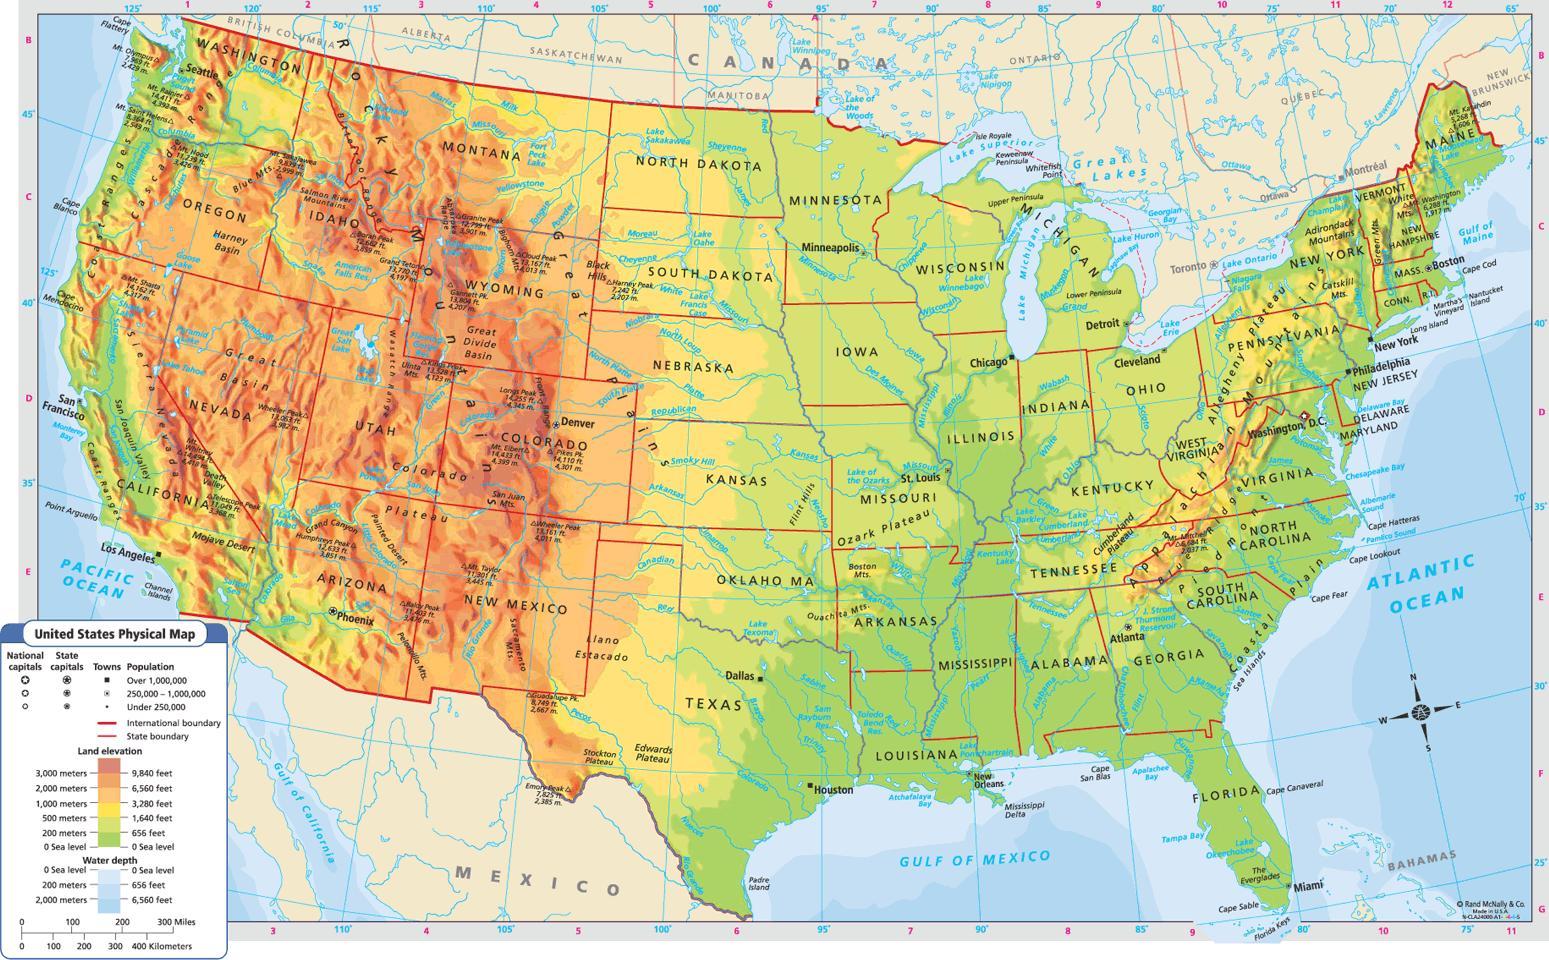 Geographische Karte Der Usa Landkarte Von Den Vereinigten Staaten